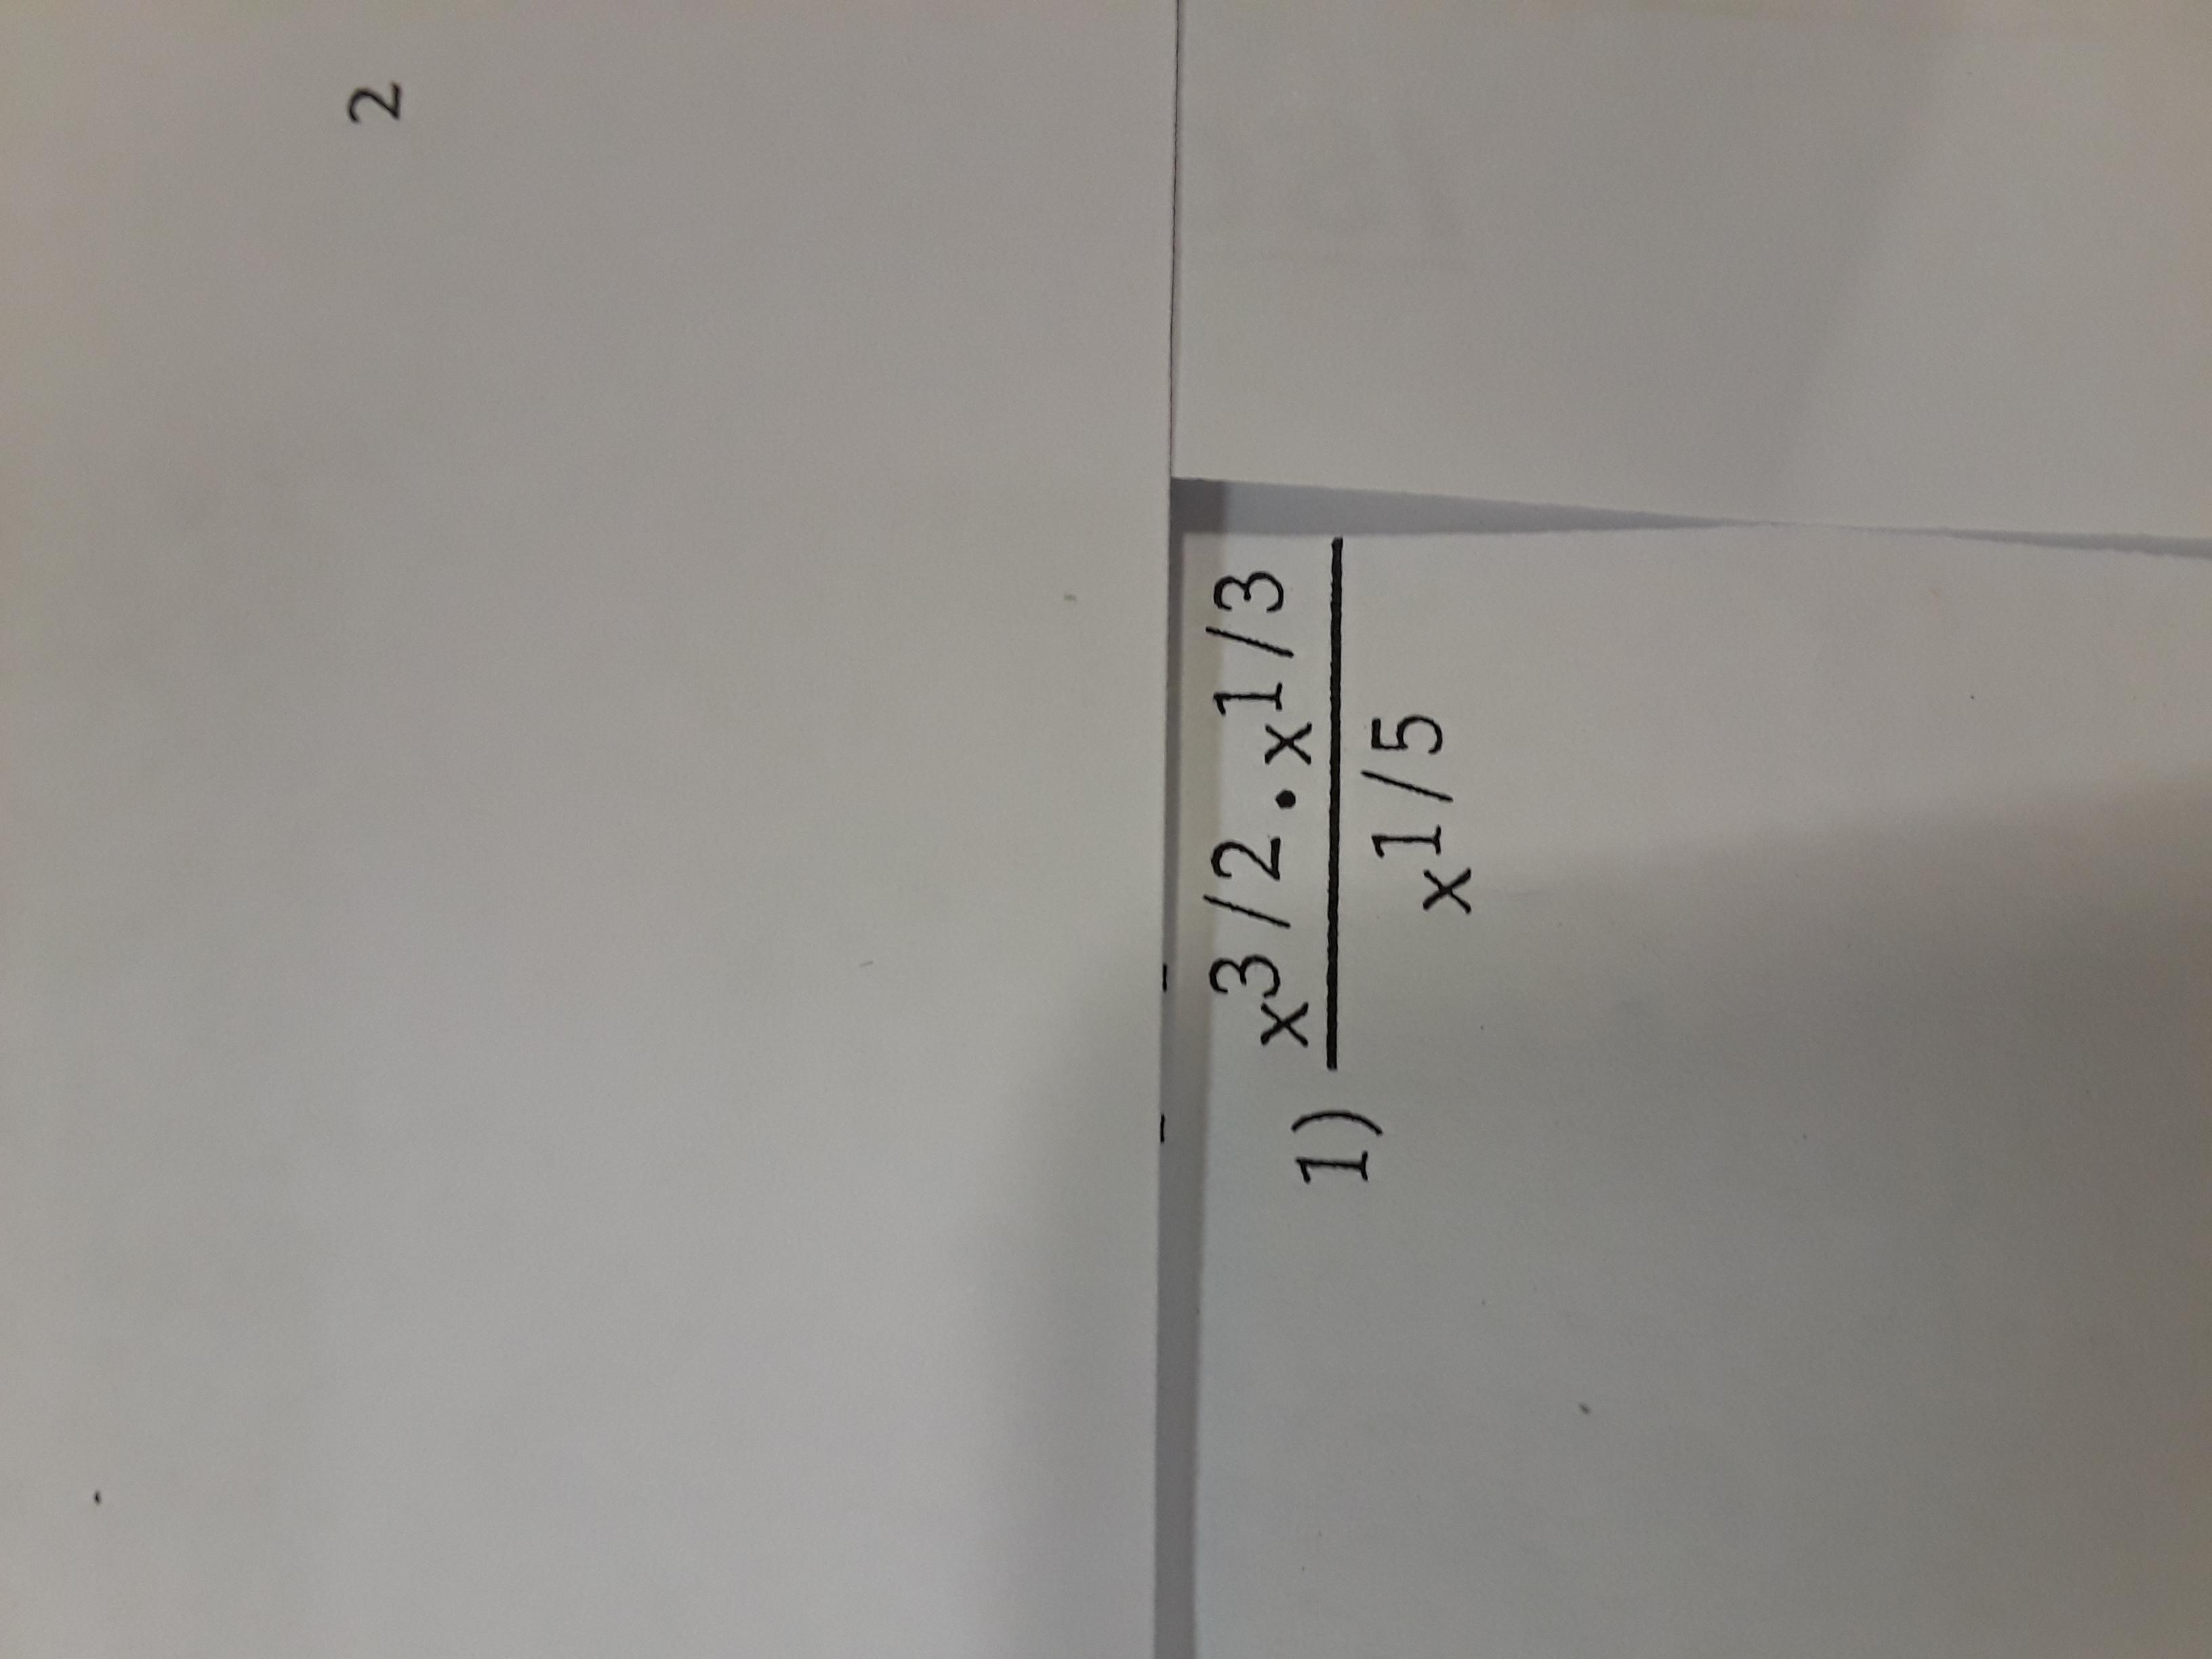 2 x3/2.x1/3 1) x1 /5